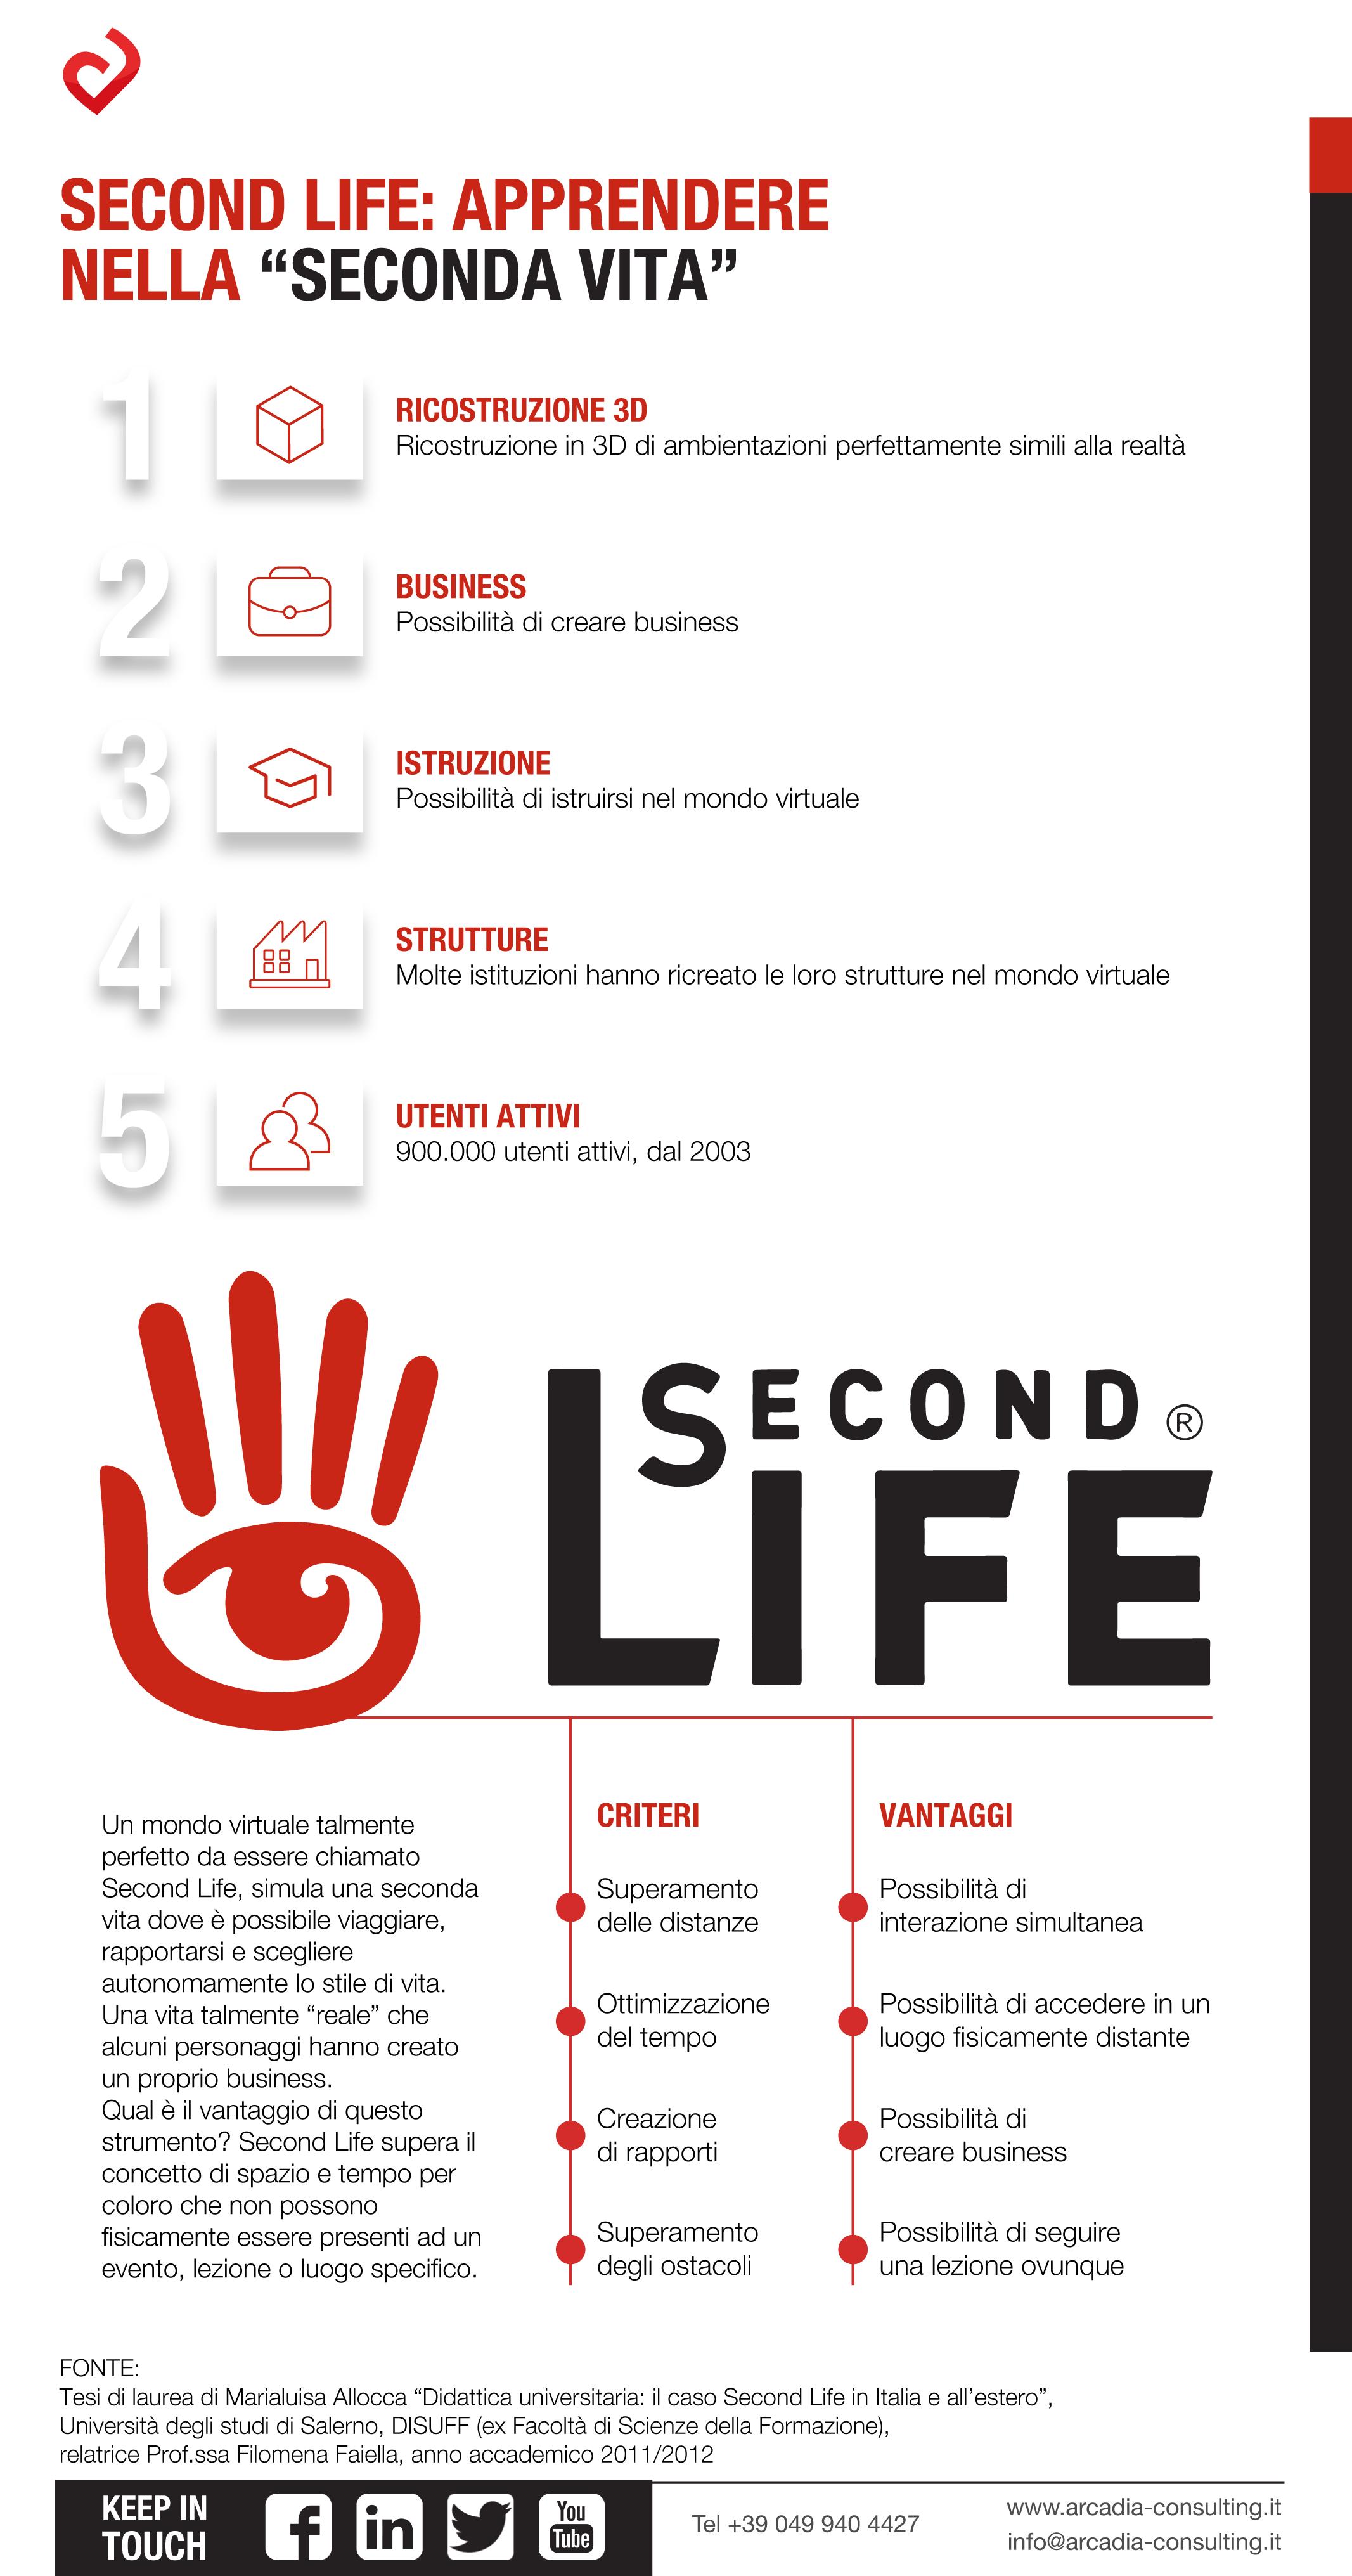 """Second Life: apprendere nella """"seconda vita"""""""